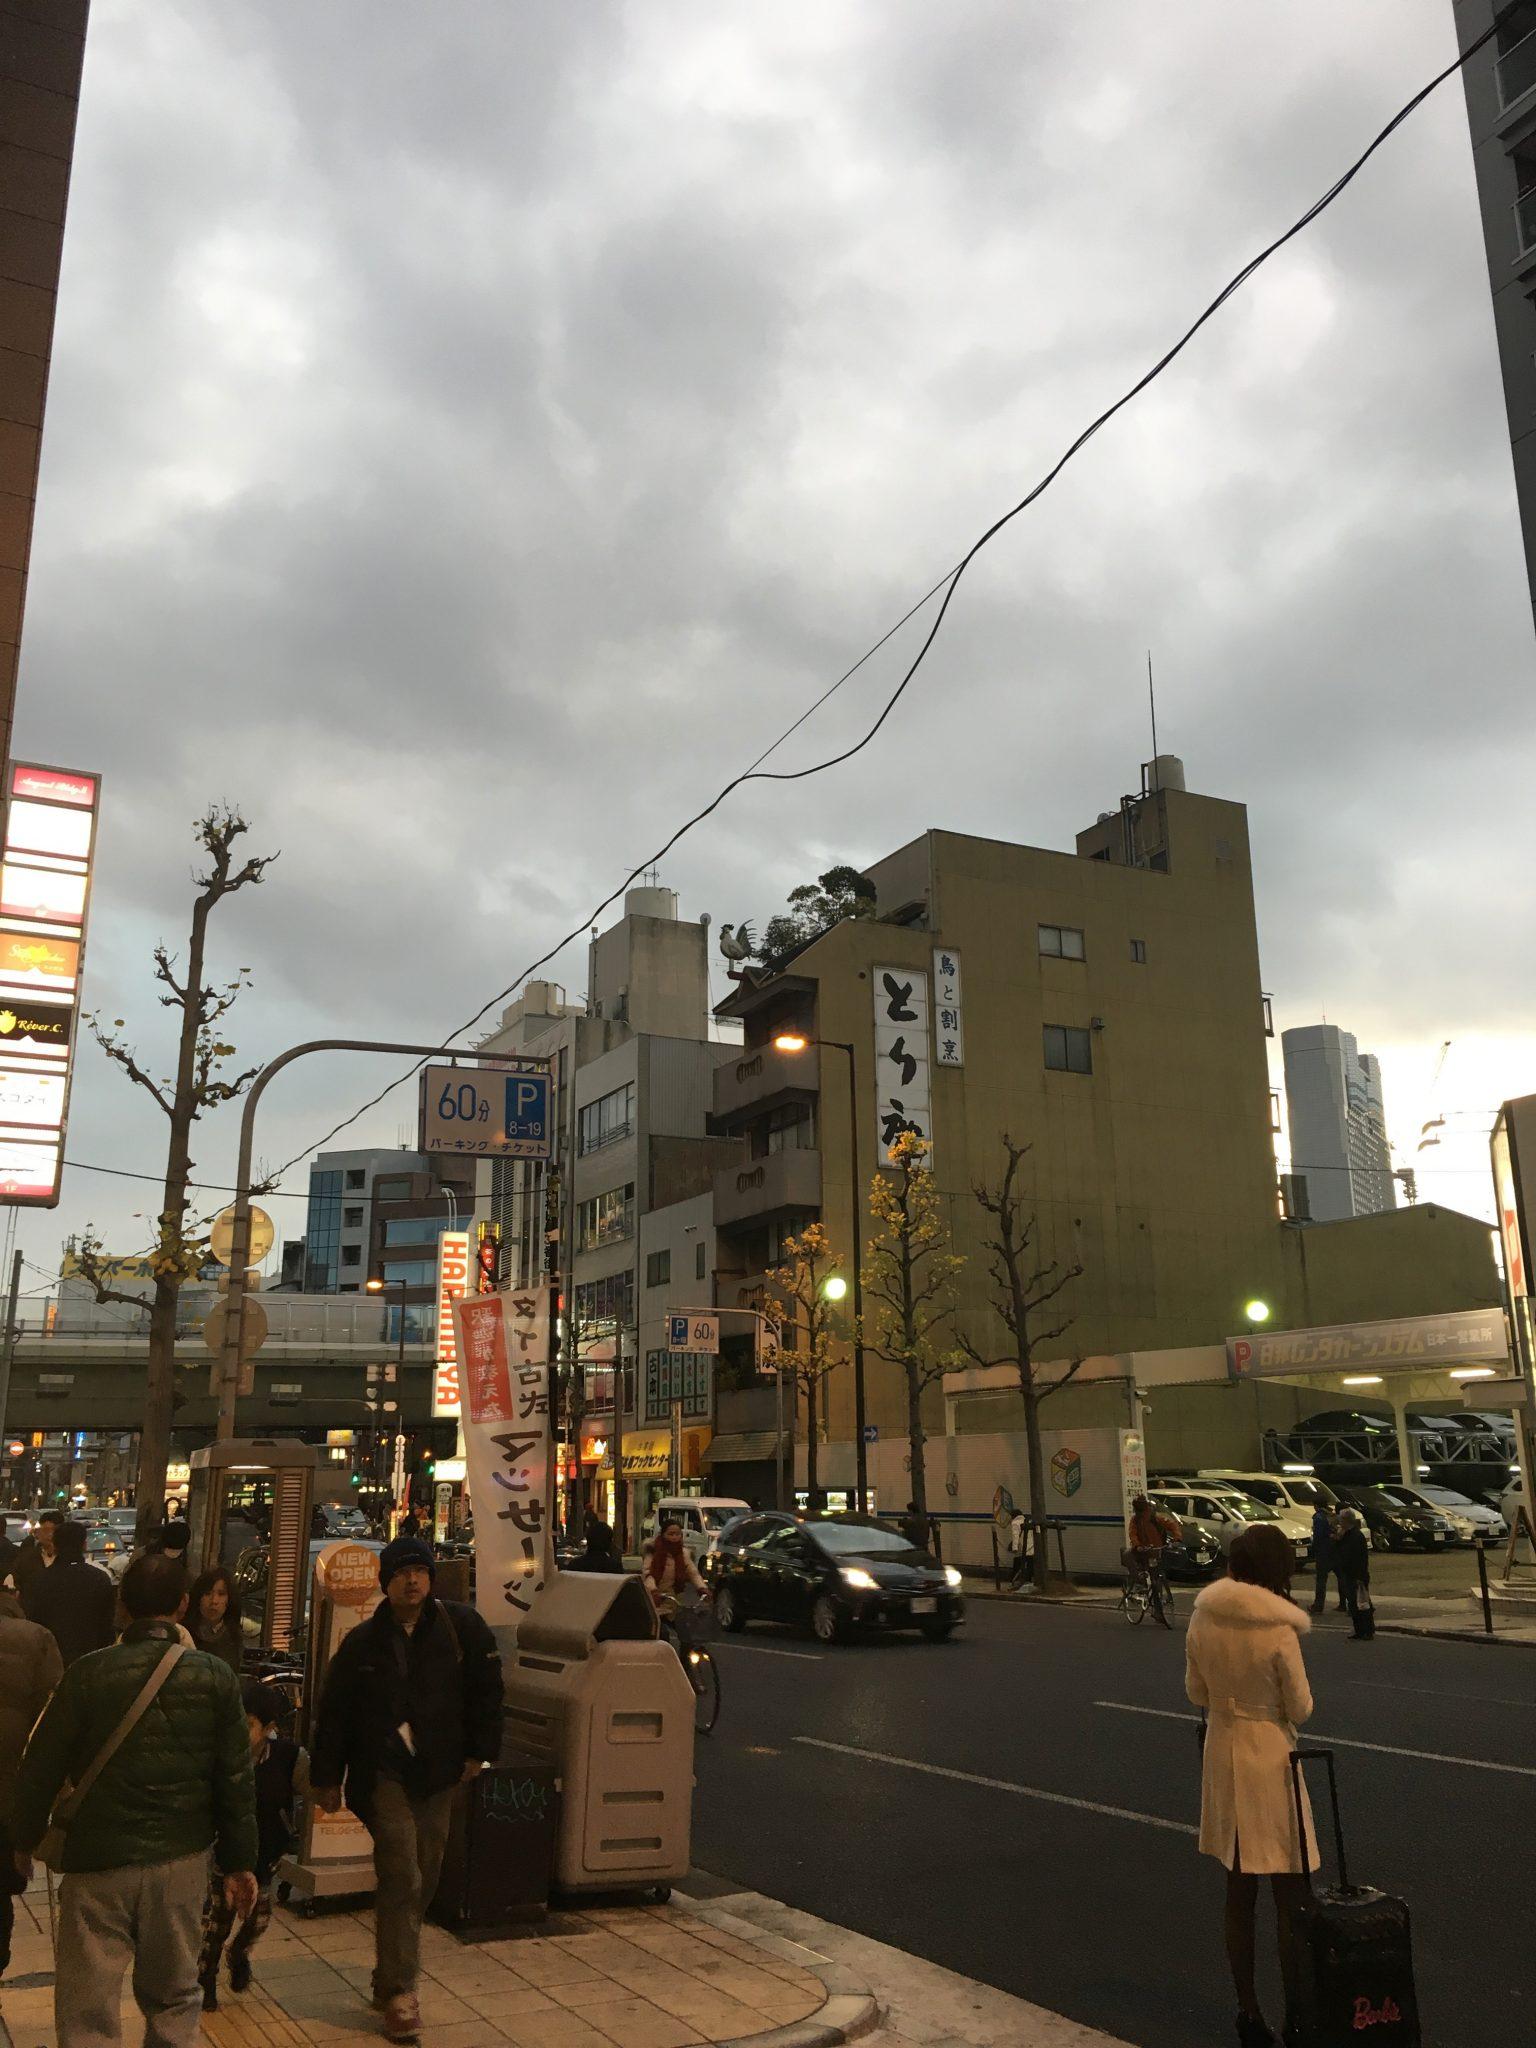 오사카 니폰바시역 근처